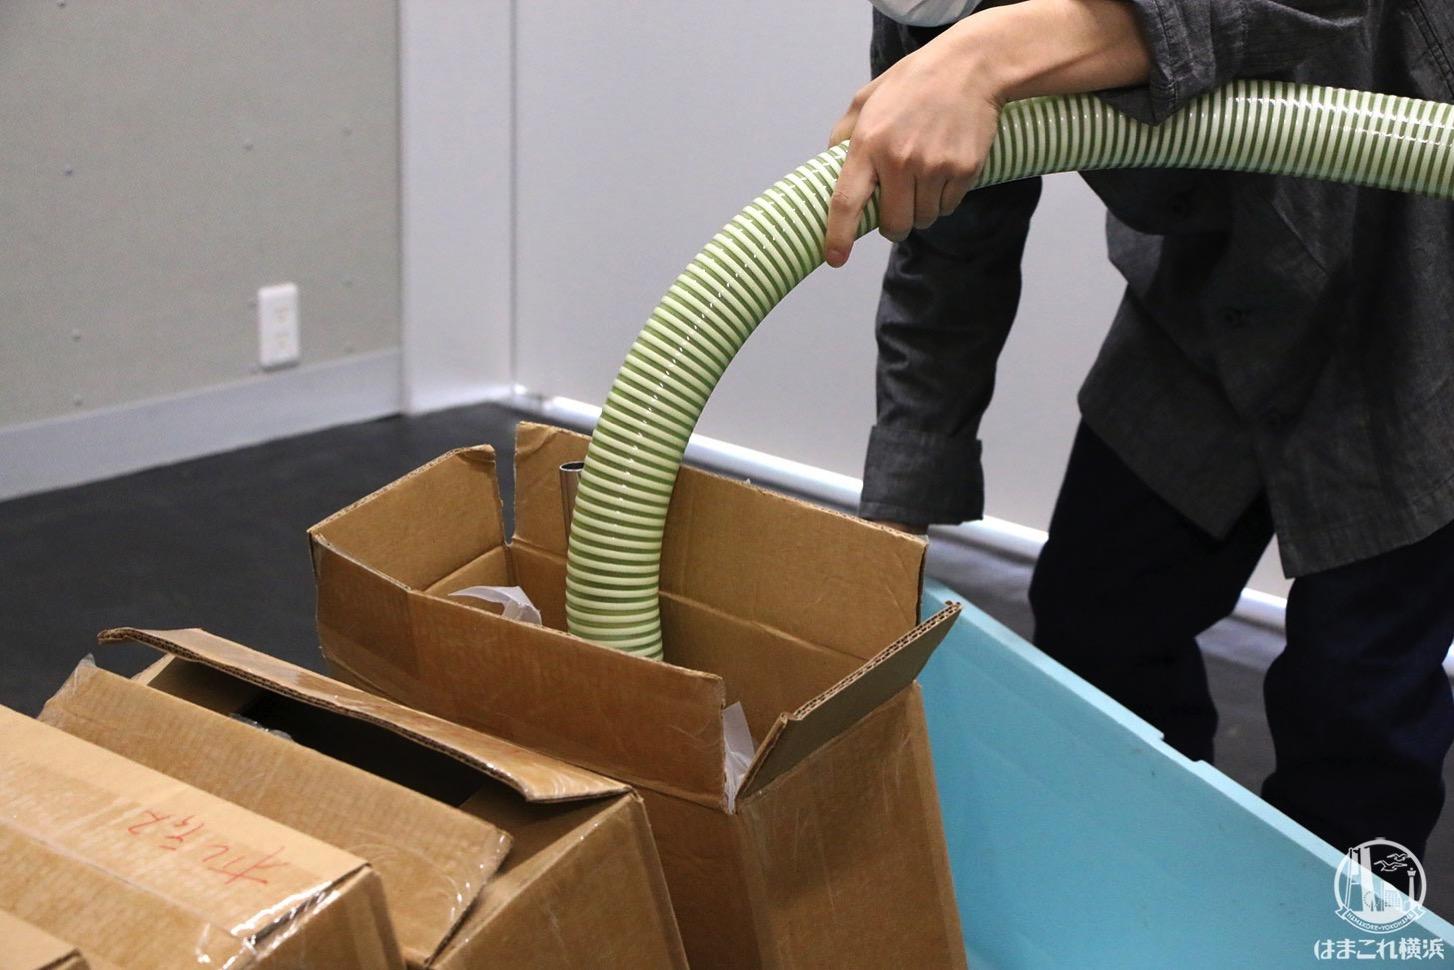 真空した袋から生豆を空気搬送機で送り運ぶシーン